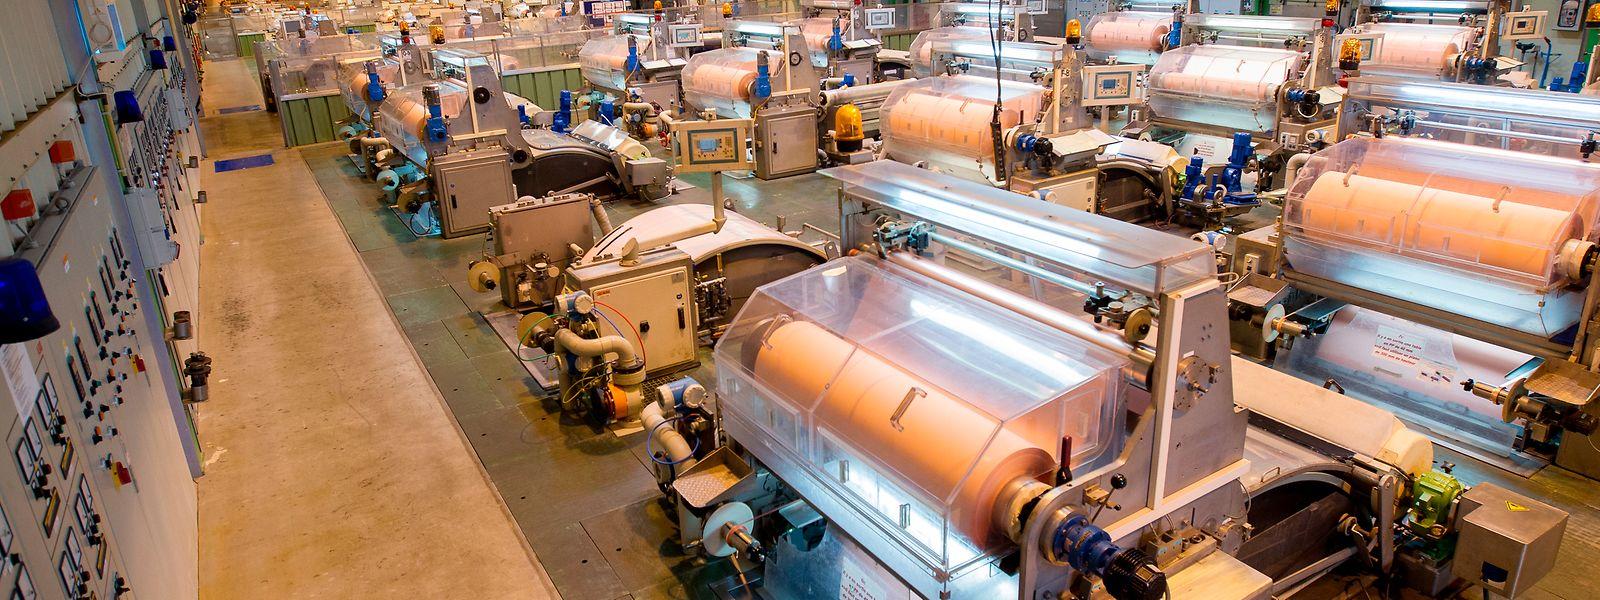 D'ici peu, l'entreprise mettra en service 2.000 m2 d'ateliers supplémentaires.